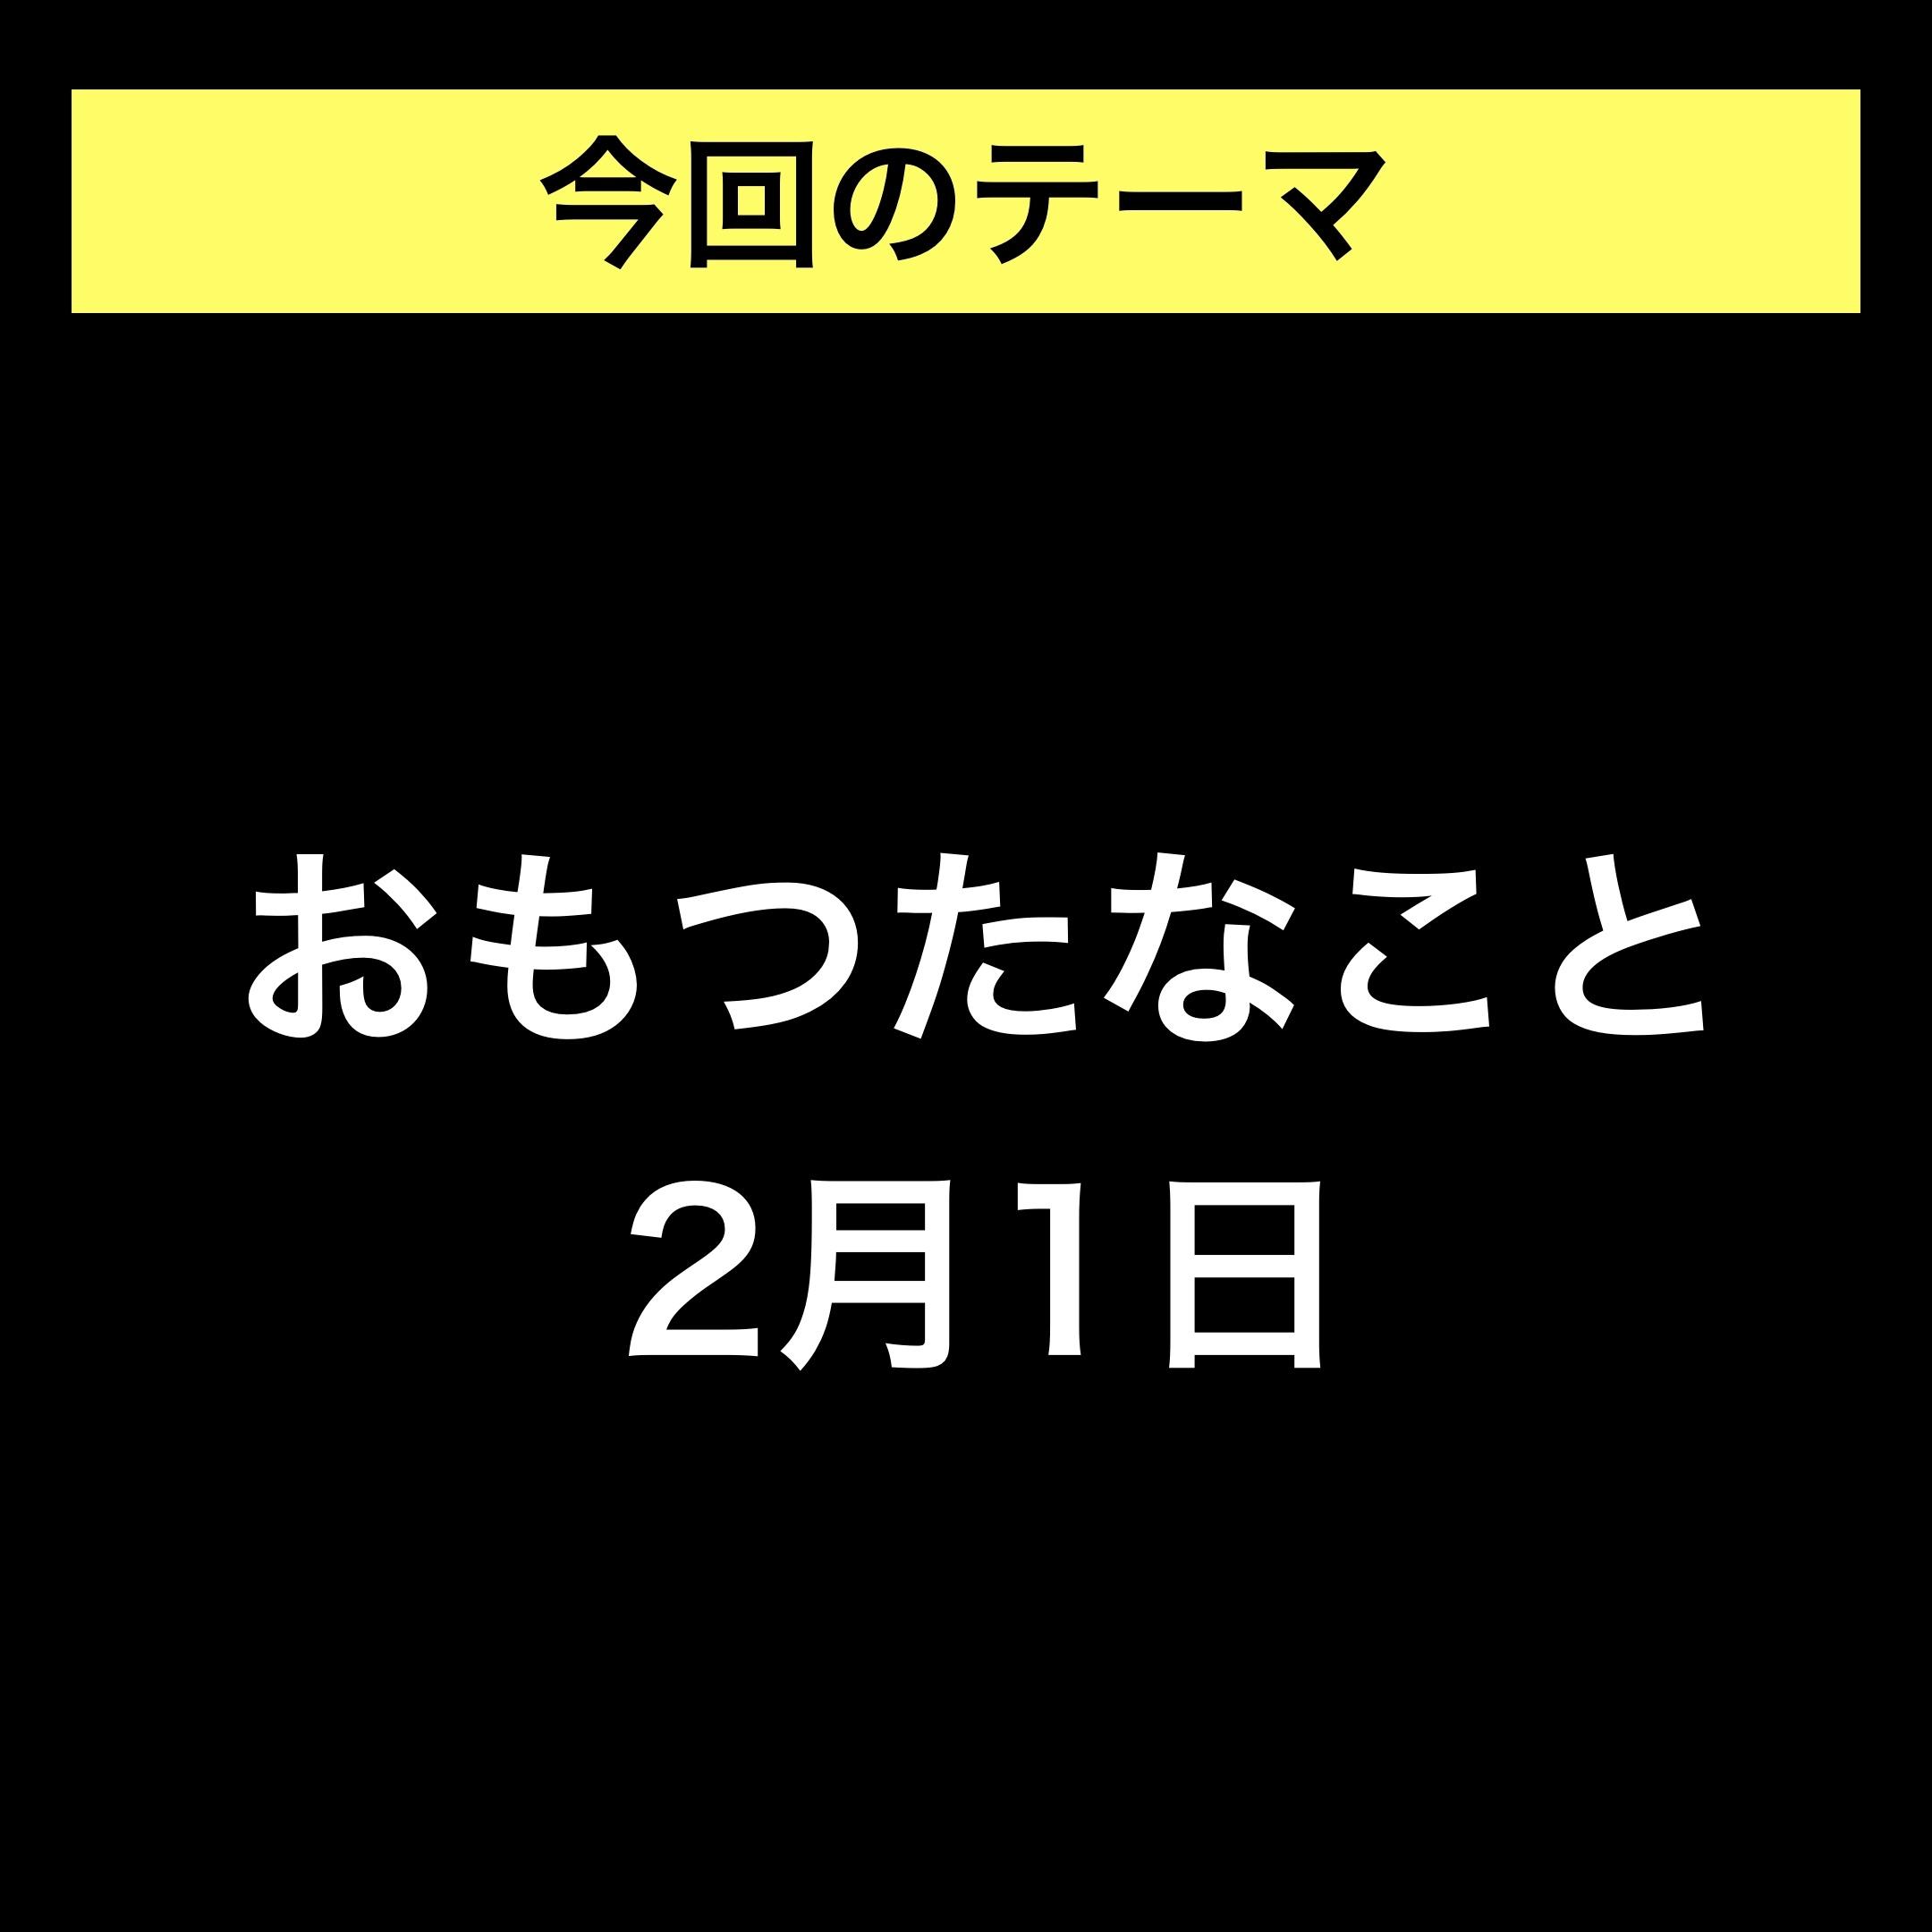 f:id:kobayanzblog:20200202083717j:image